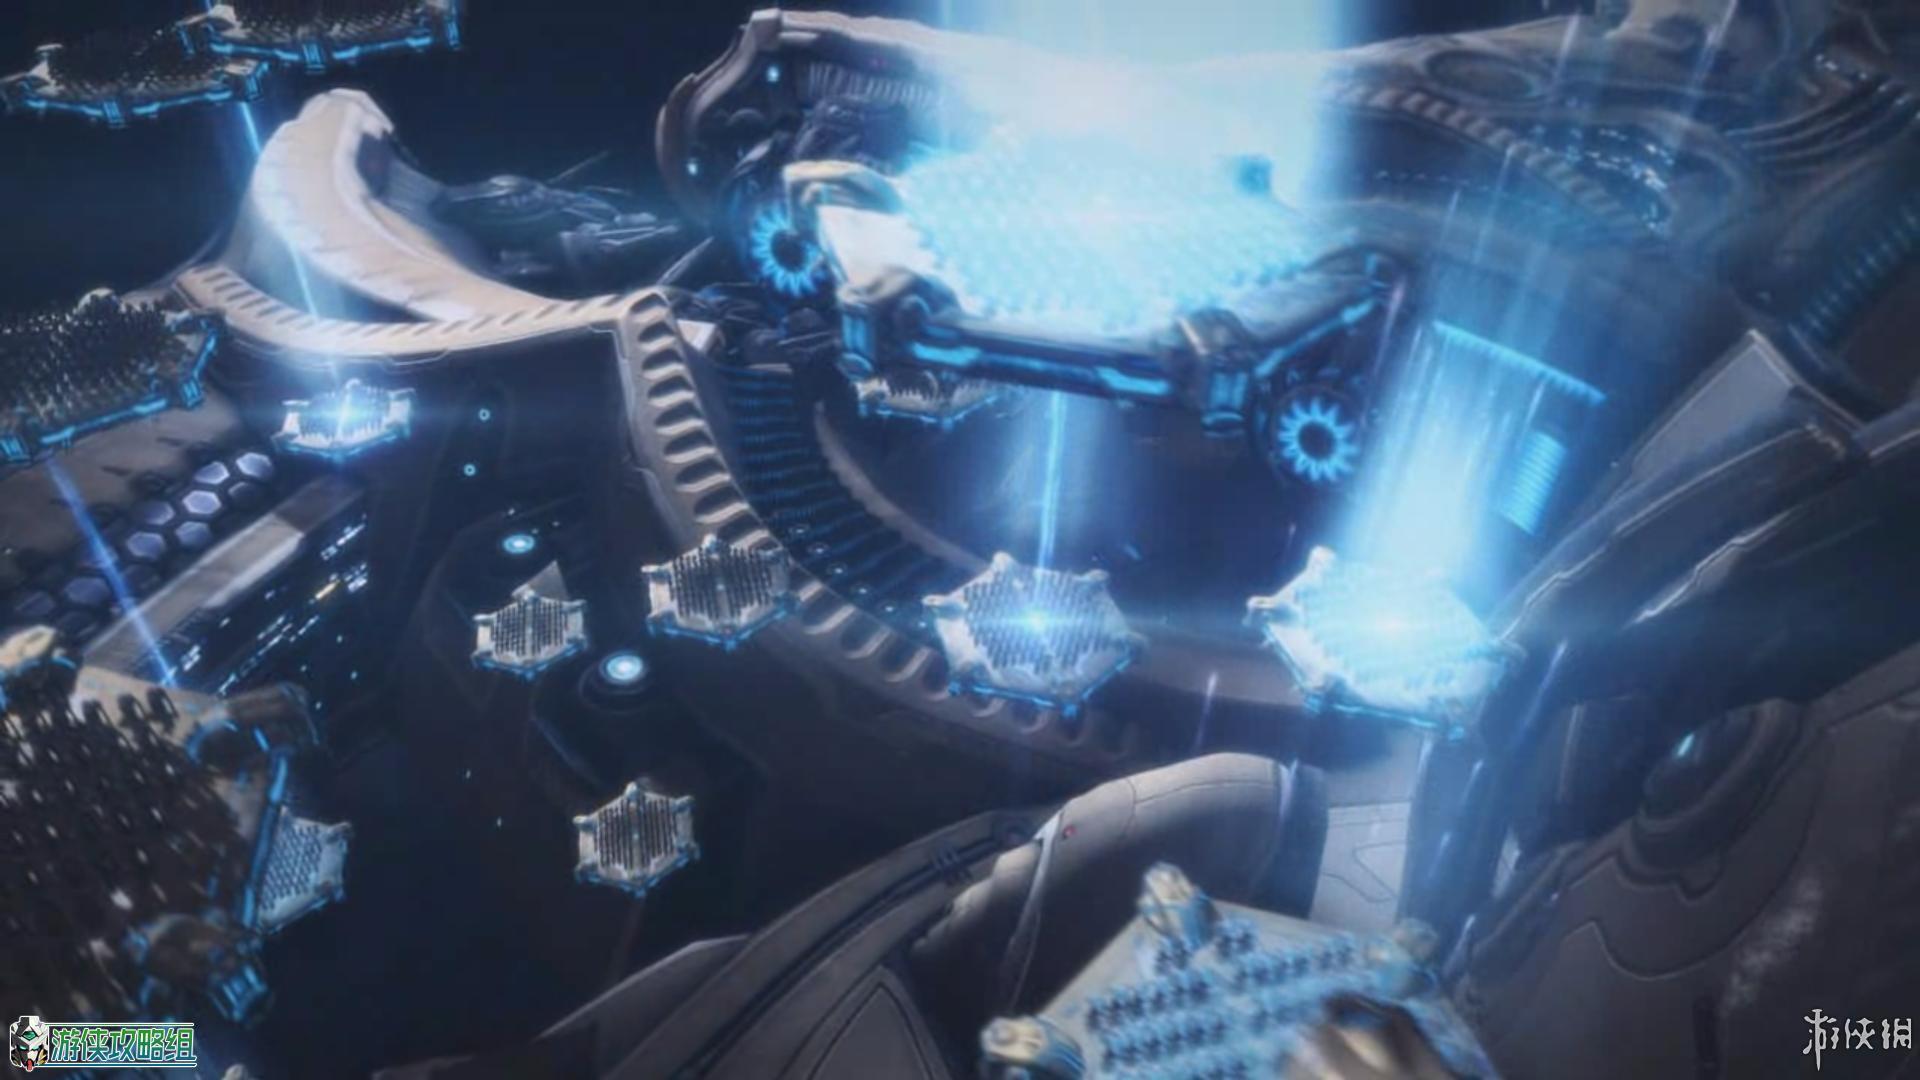 星际争霸2虚空之遗攻略图片